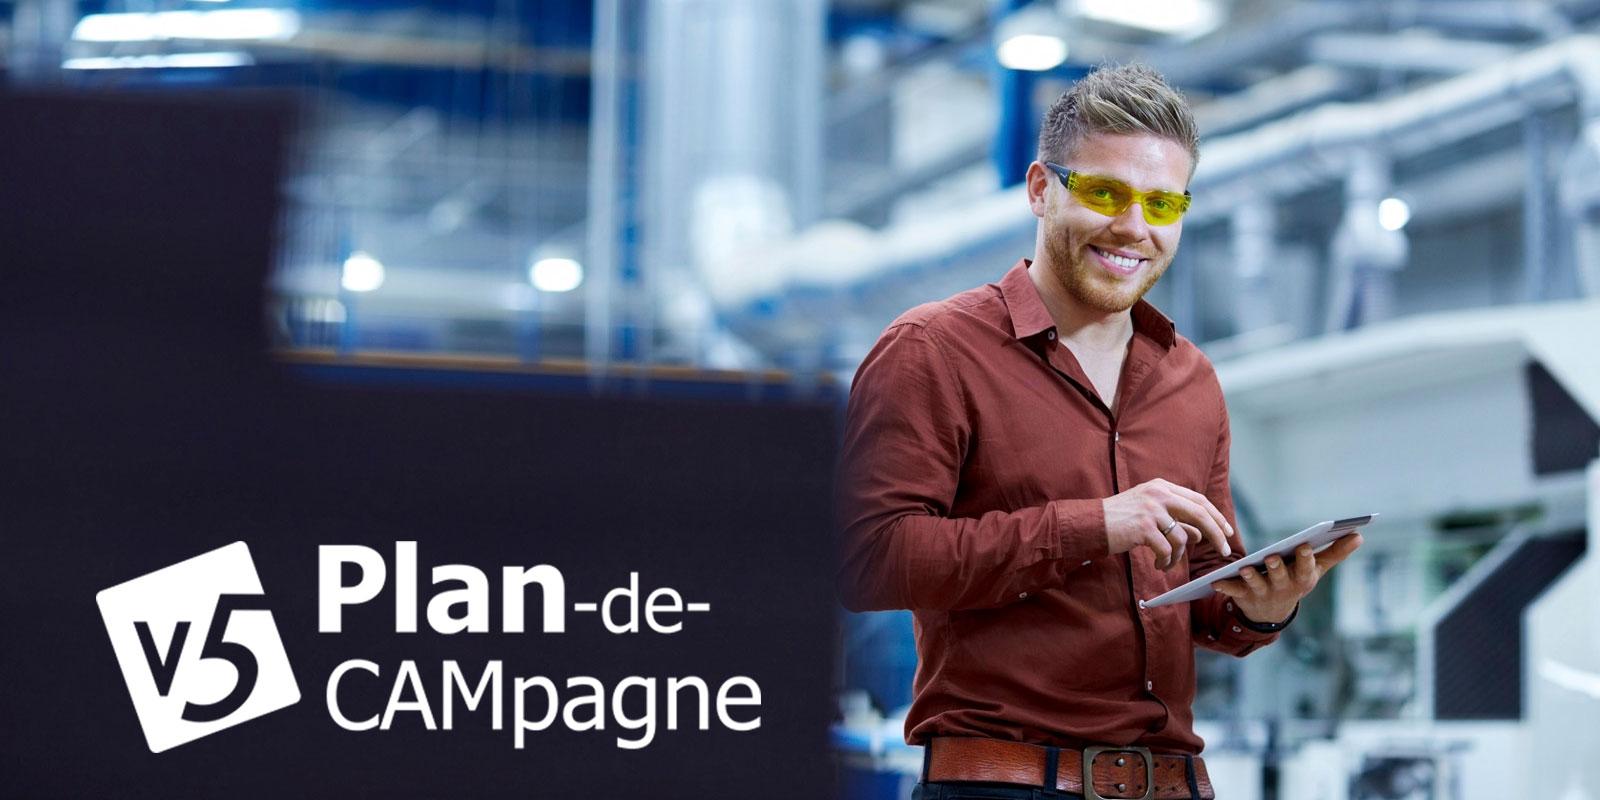 Download de Plan-de-CAMpagne ERP voor maakbedrijven flyer